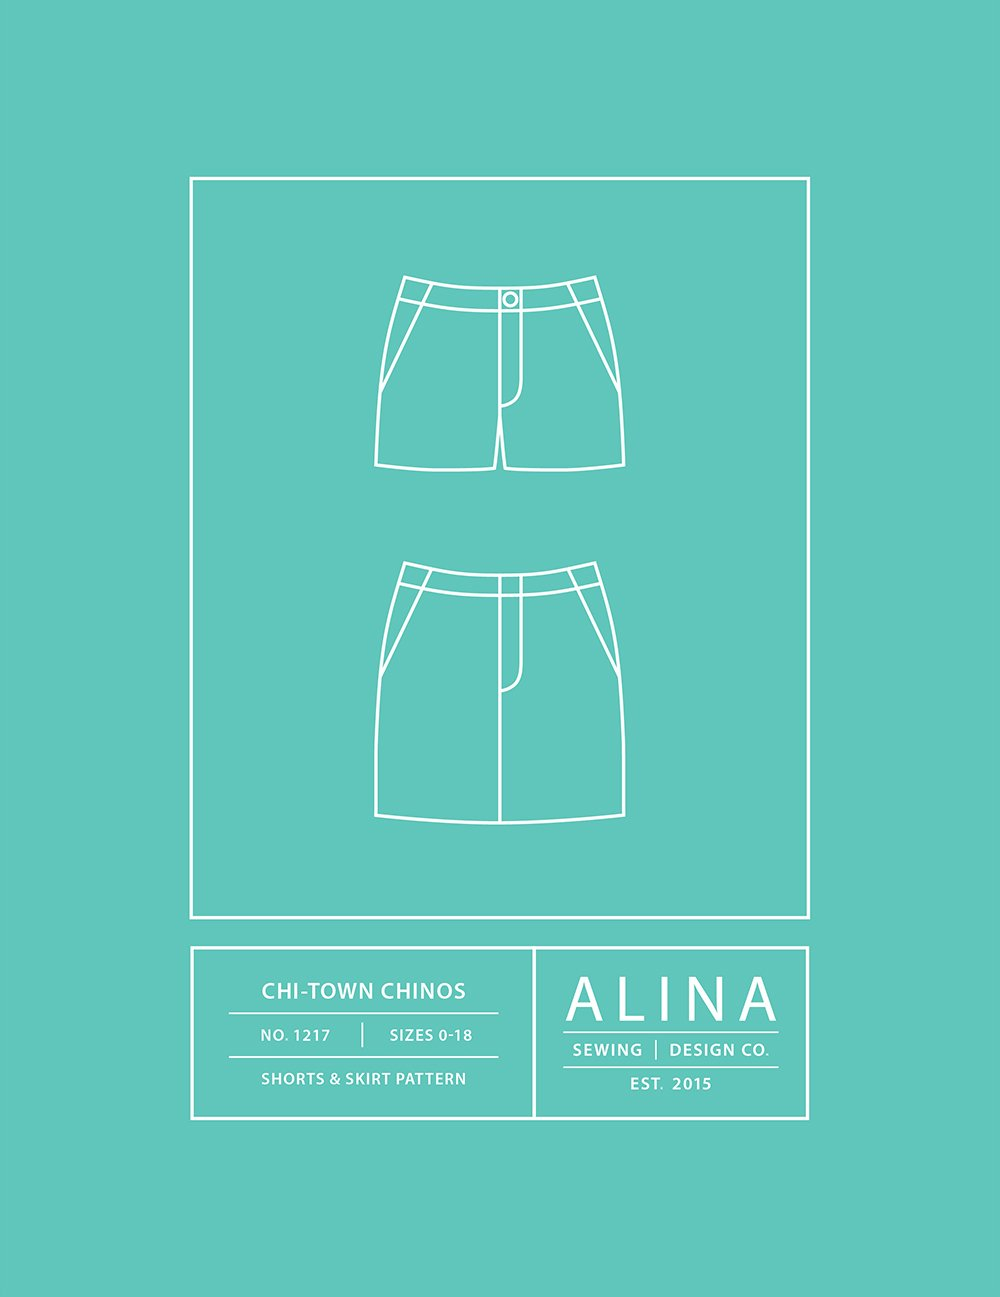 alina-chinos-01